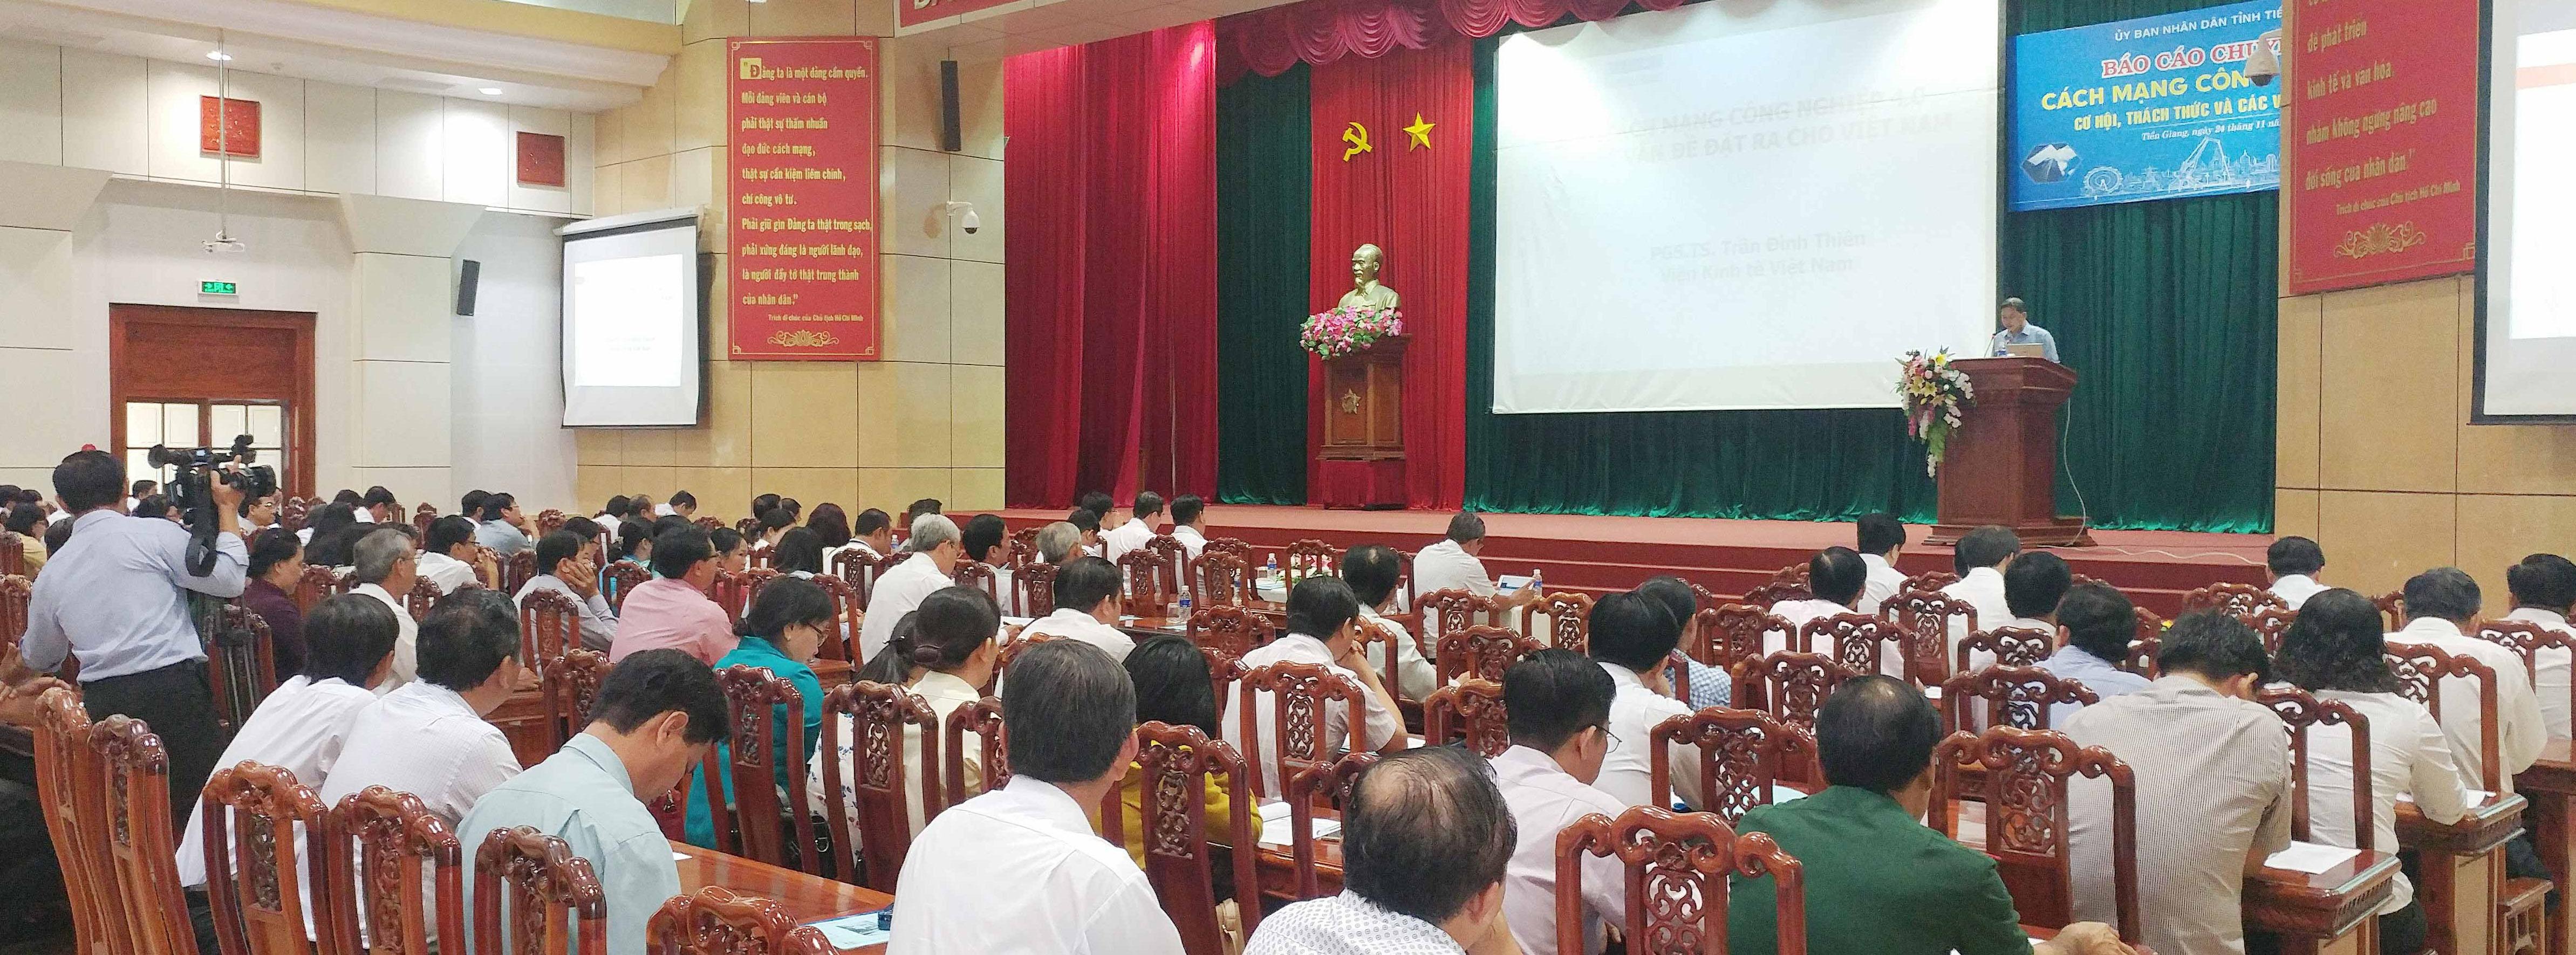 """Hội nghị báo cáo chuyên đề """"Cách mạng công nghiệp 4.0: Cơ hội, thách thức và các vấn đề đặt ra"""" cho cán bộ, công chức cấp tỉnh, cấp huyện và cấp xã tỉnh Tiền Giang"""